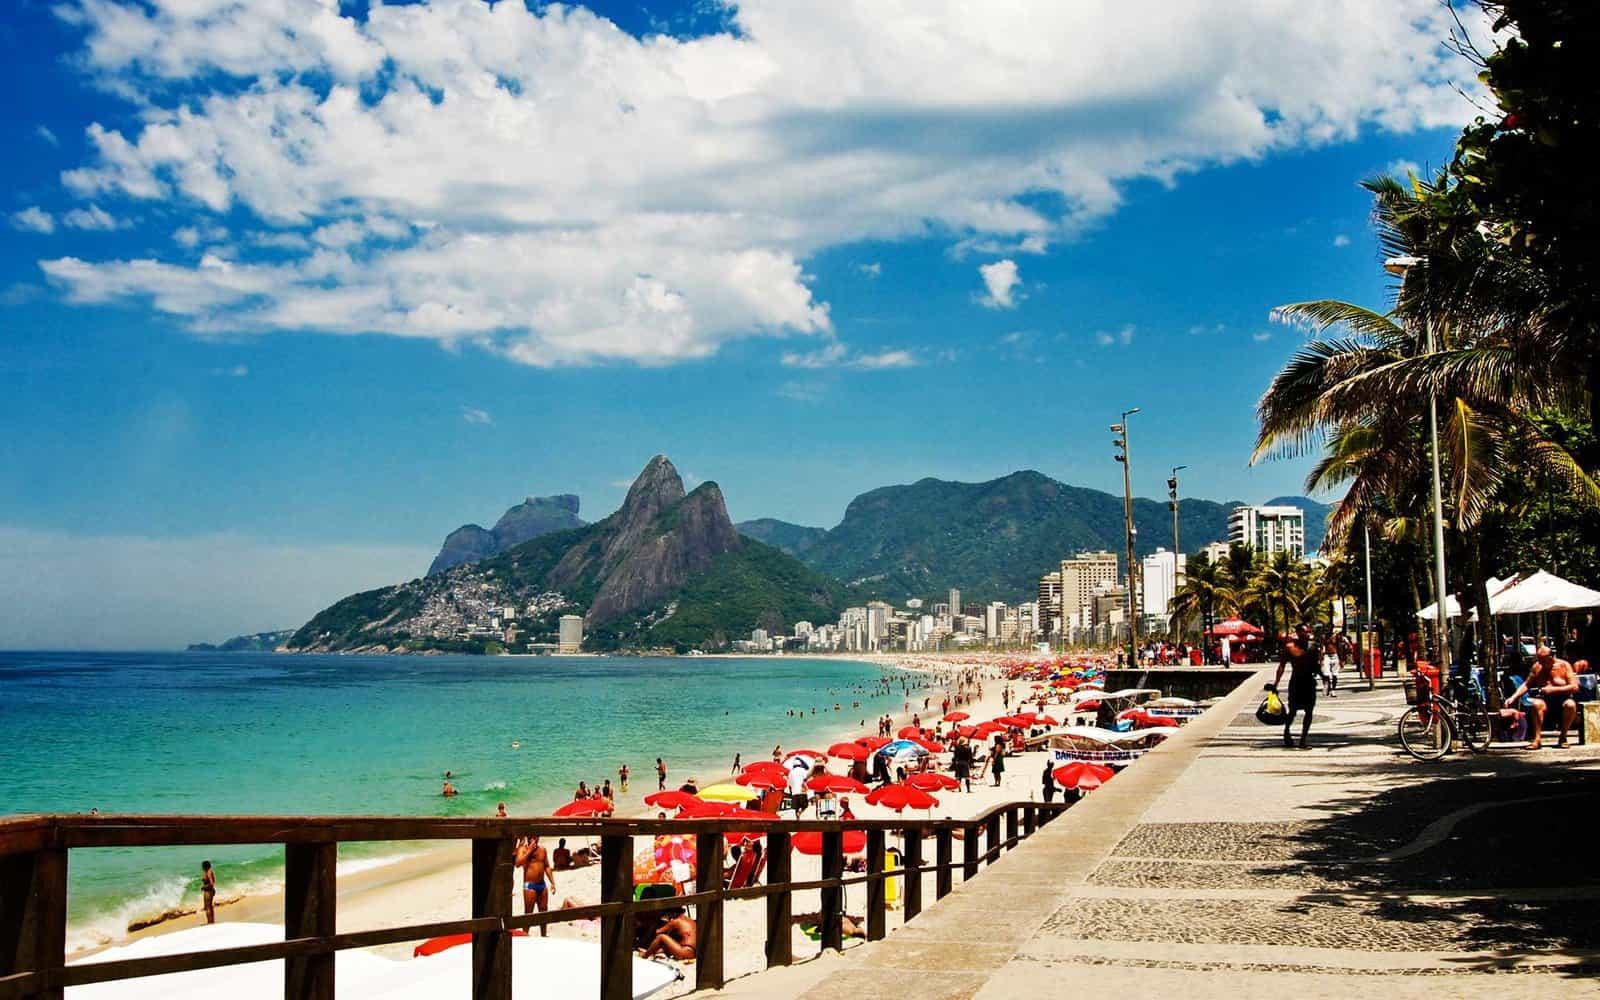 Rio De Janerio Travel Attractions